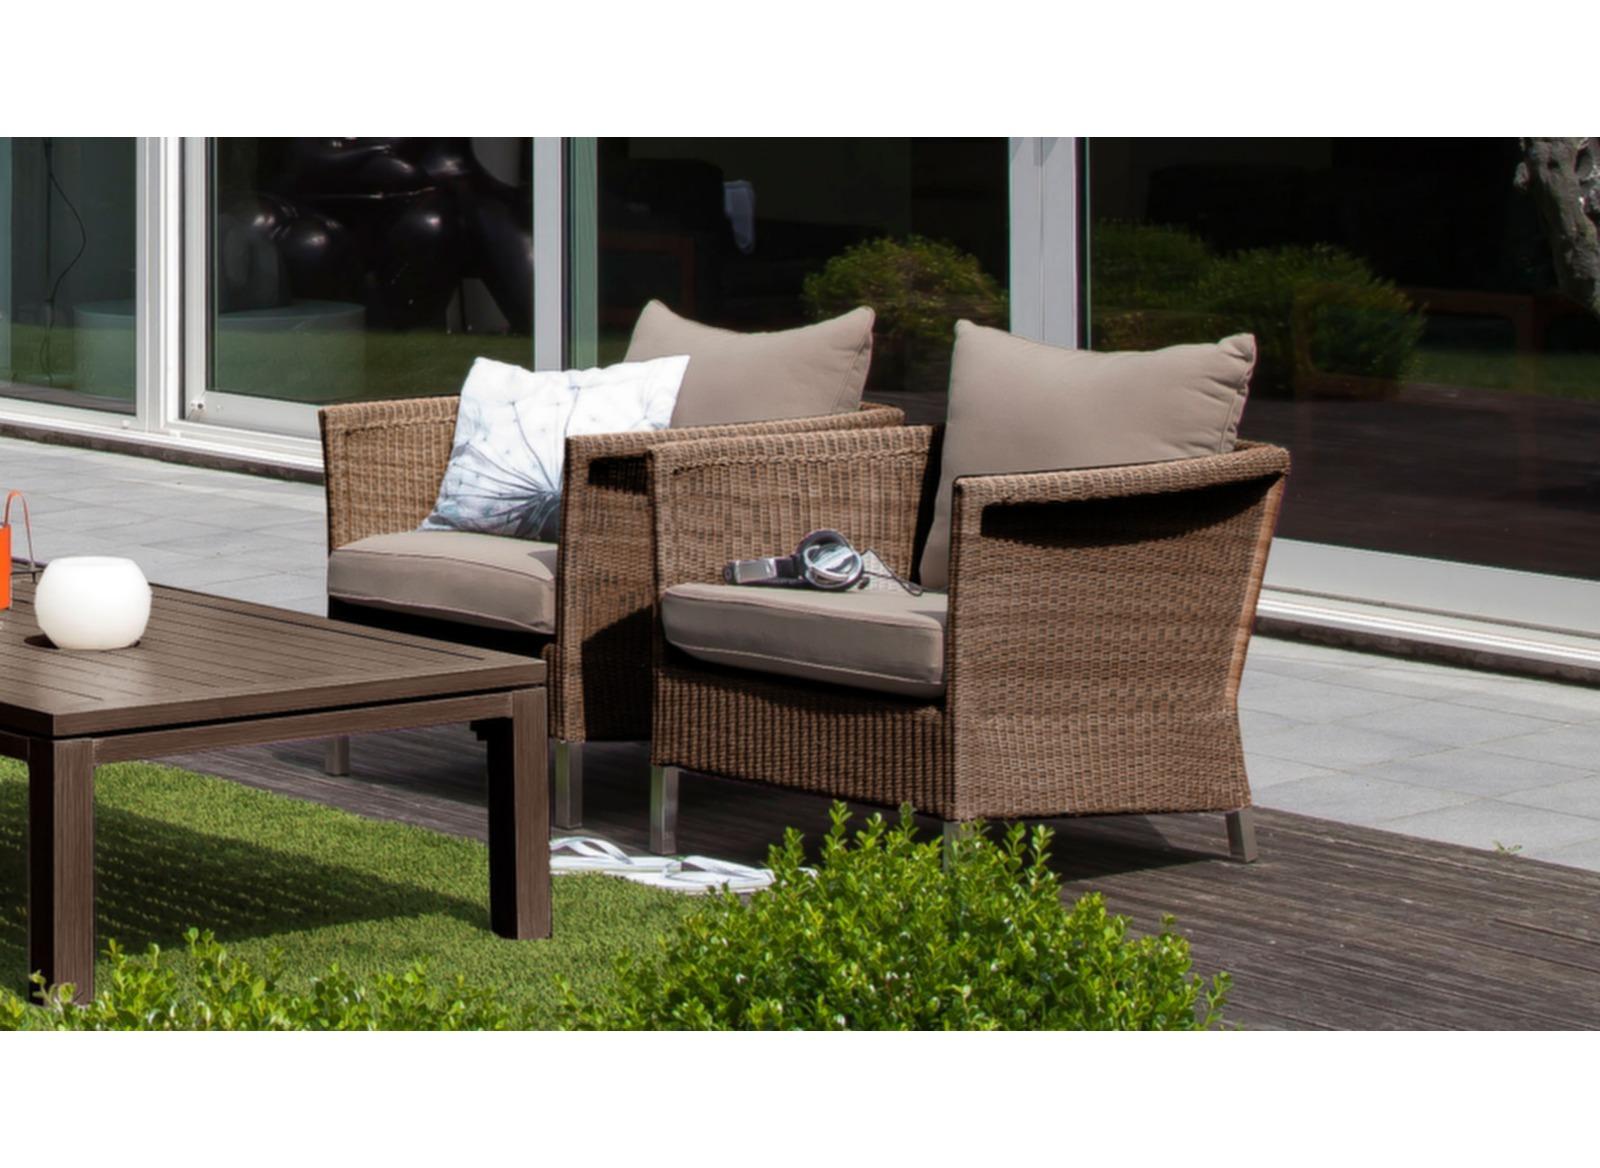 Fauteuil d tente thyme fauteuils de jardin mobilier - Fauteuil detente jardin ...